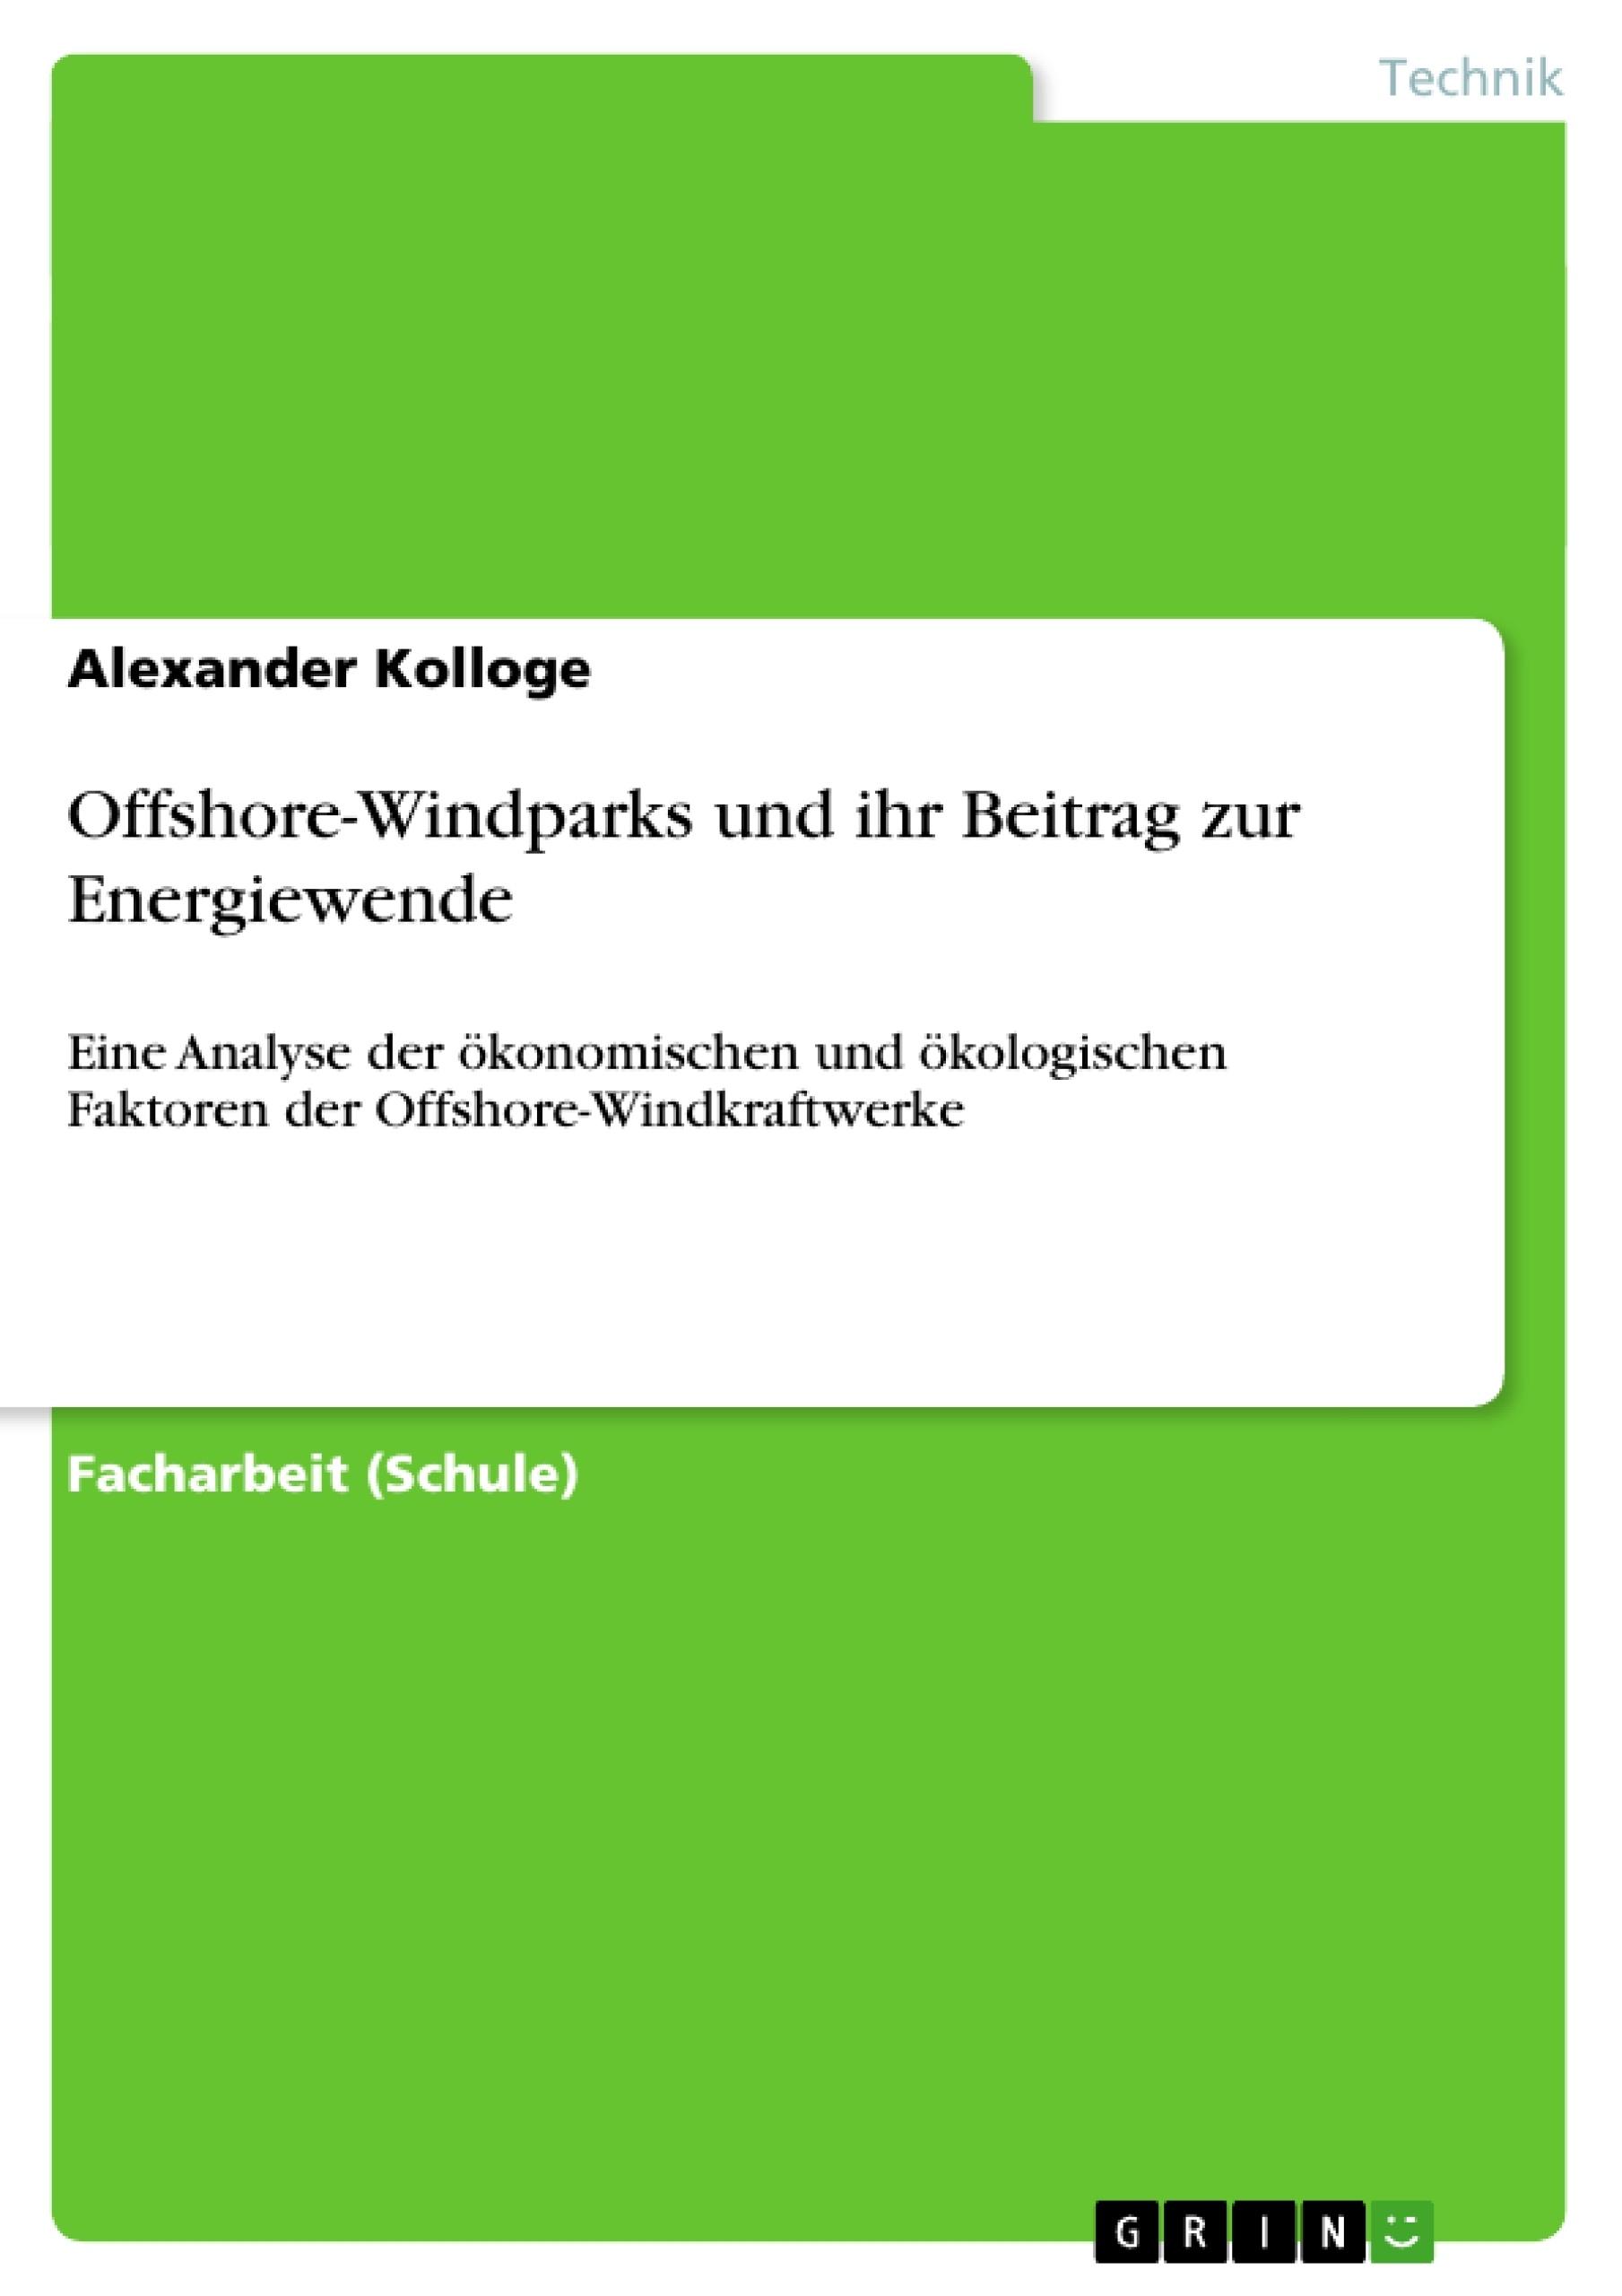 Titel: Offshore-Windparks und ihr Beitrag zur Energiewende